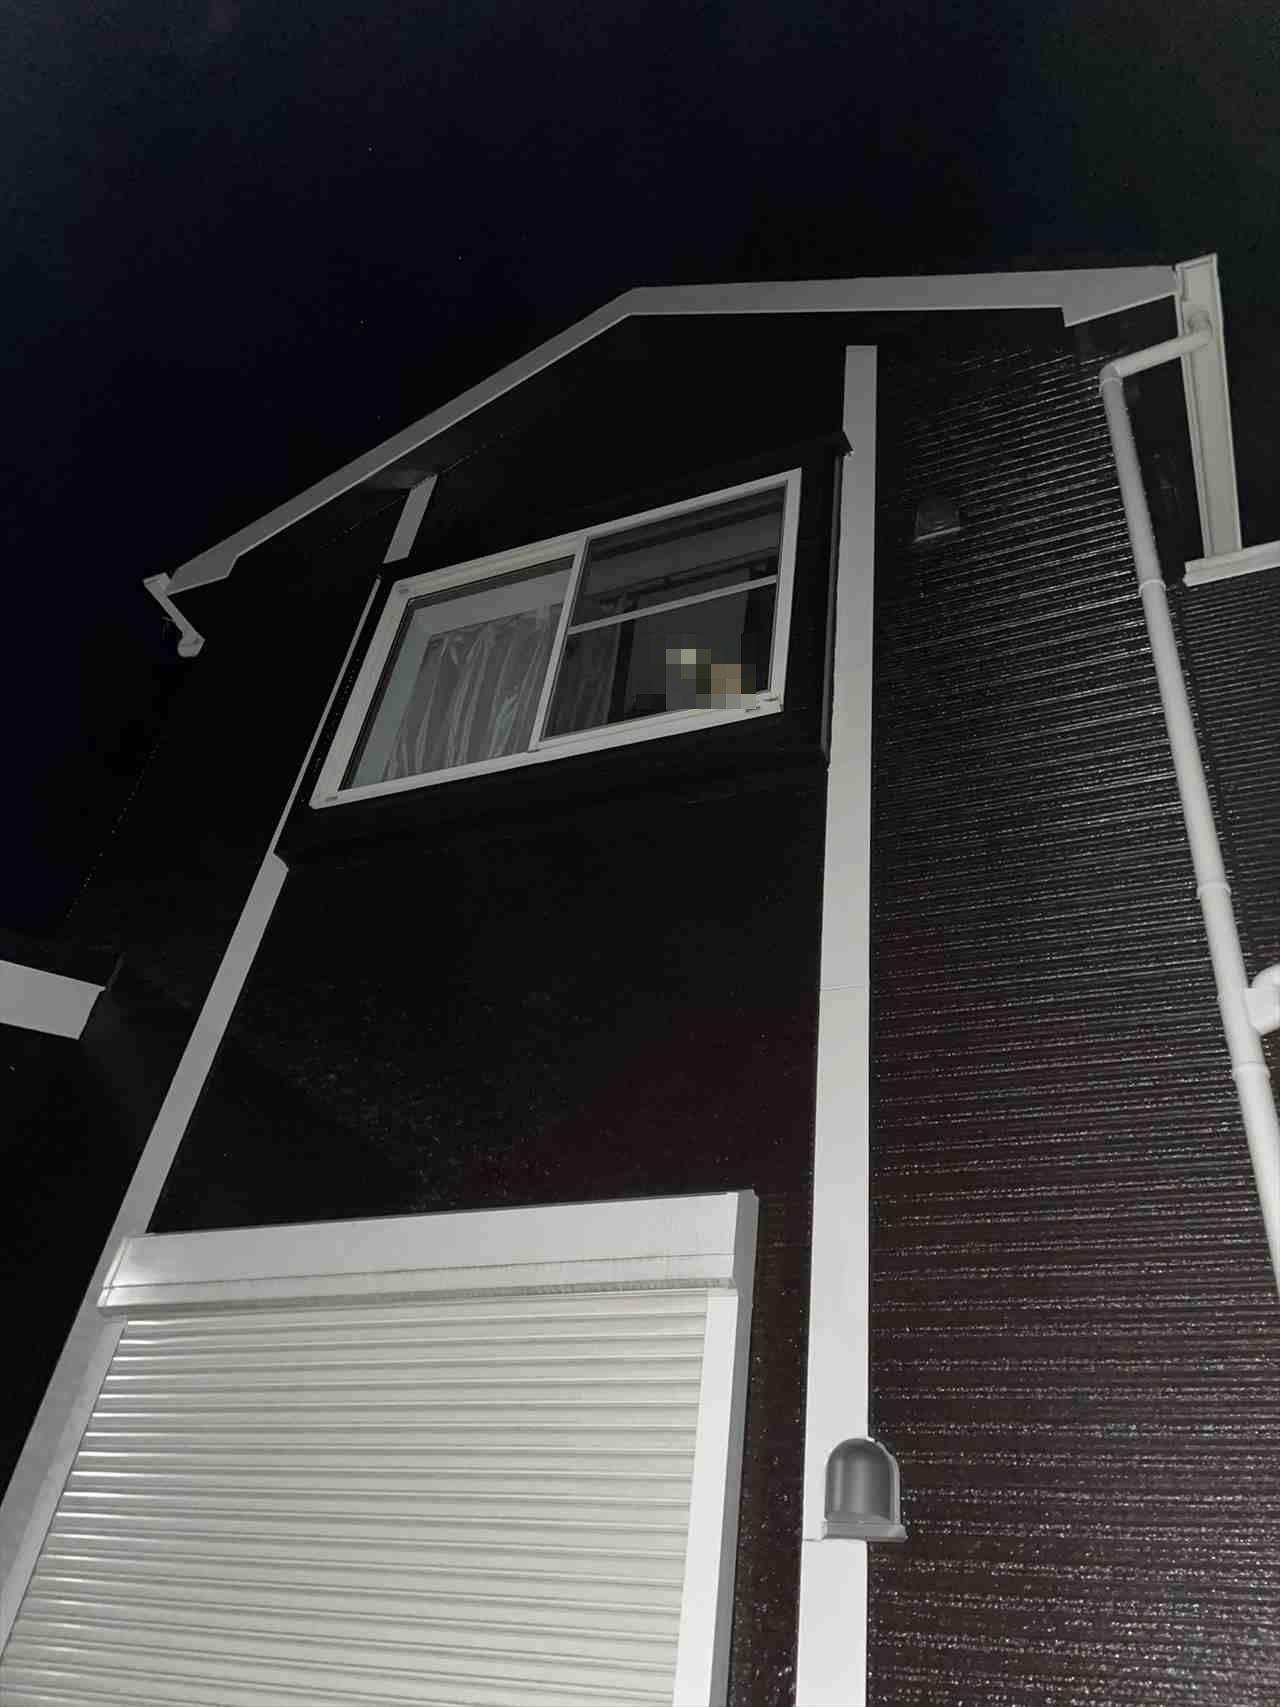 これは激オコですわぁ・・・帰宅すると、二階の窓から注がれていた恐怖の視線が話題に!